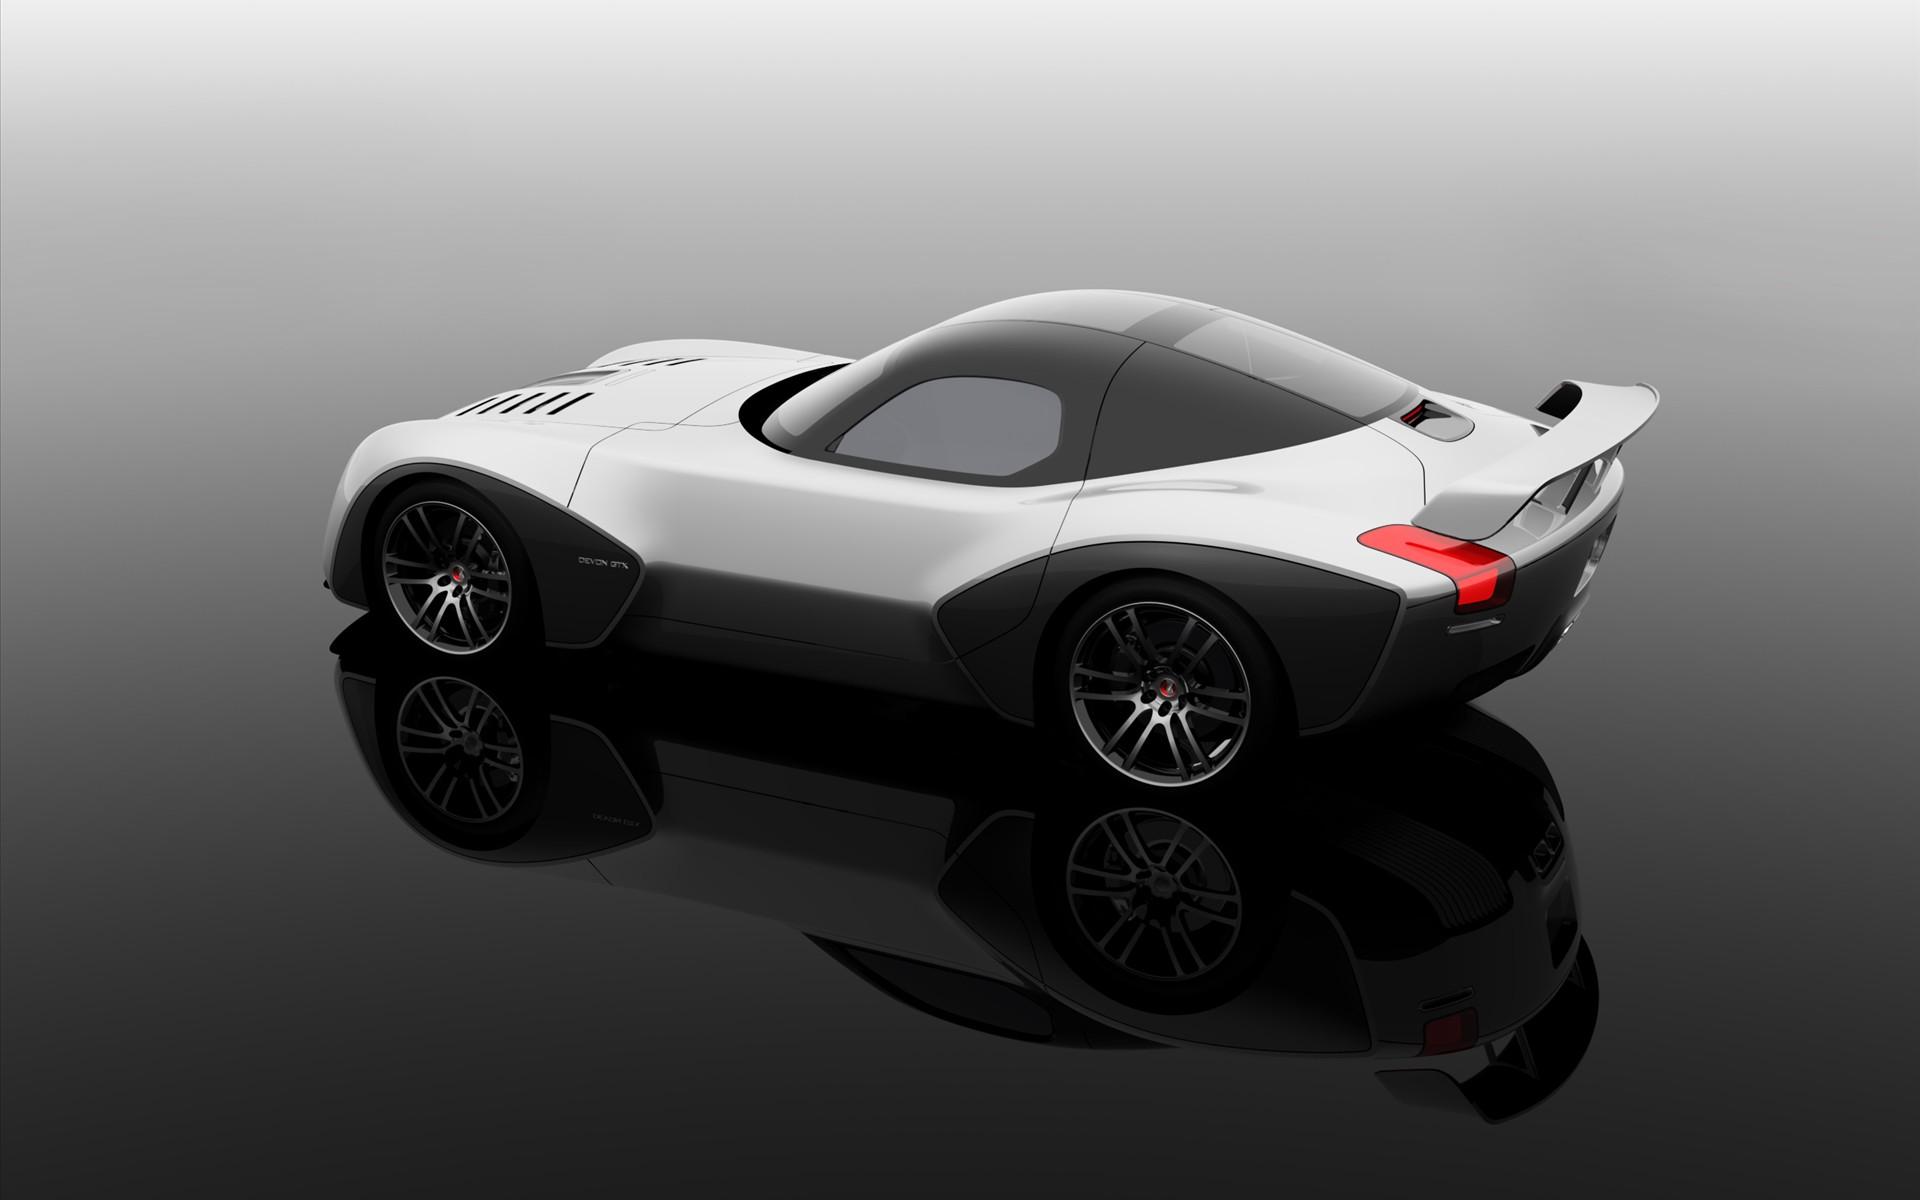 ... .com/upload/wallpaper/sports/super-cars/super-cars_aabdb2d1.jpg